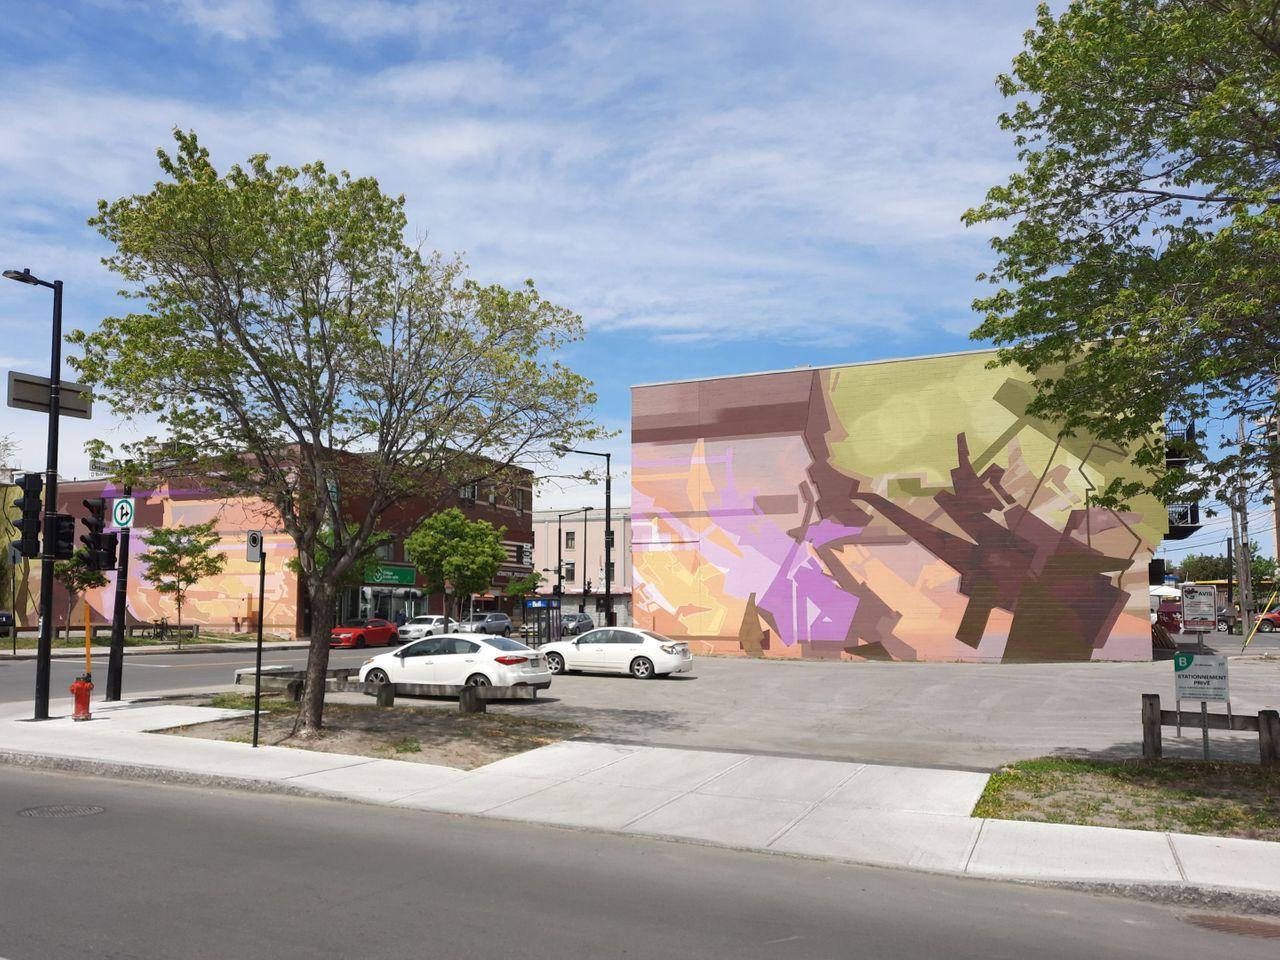 504 - Stare sur Ontario.jpg